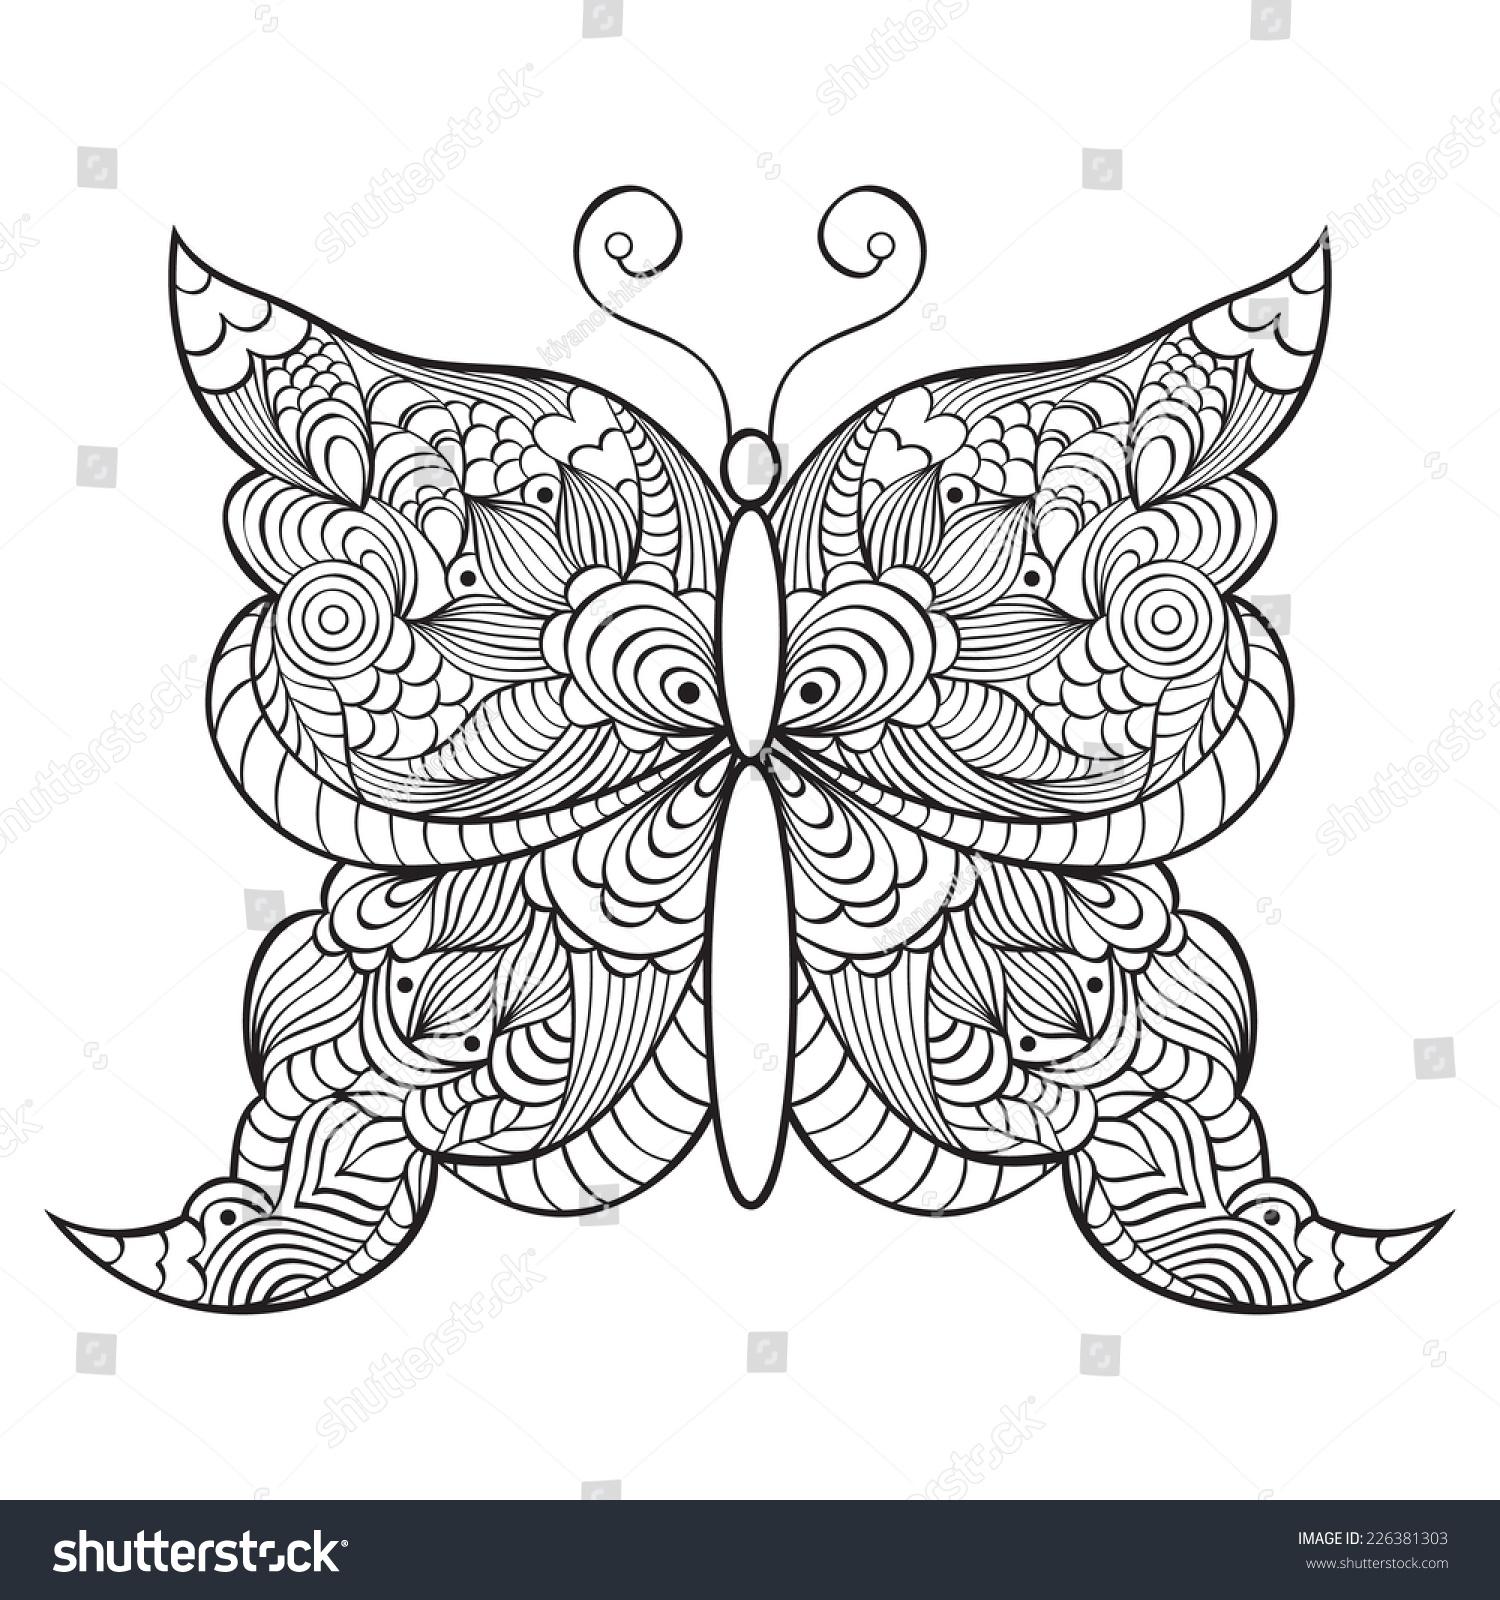 在白色背景矢量图抽象的蝴蝶-动物/野生生物